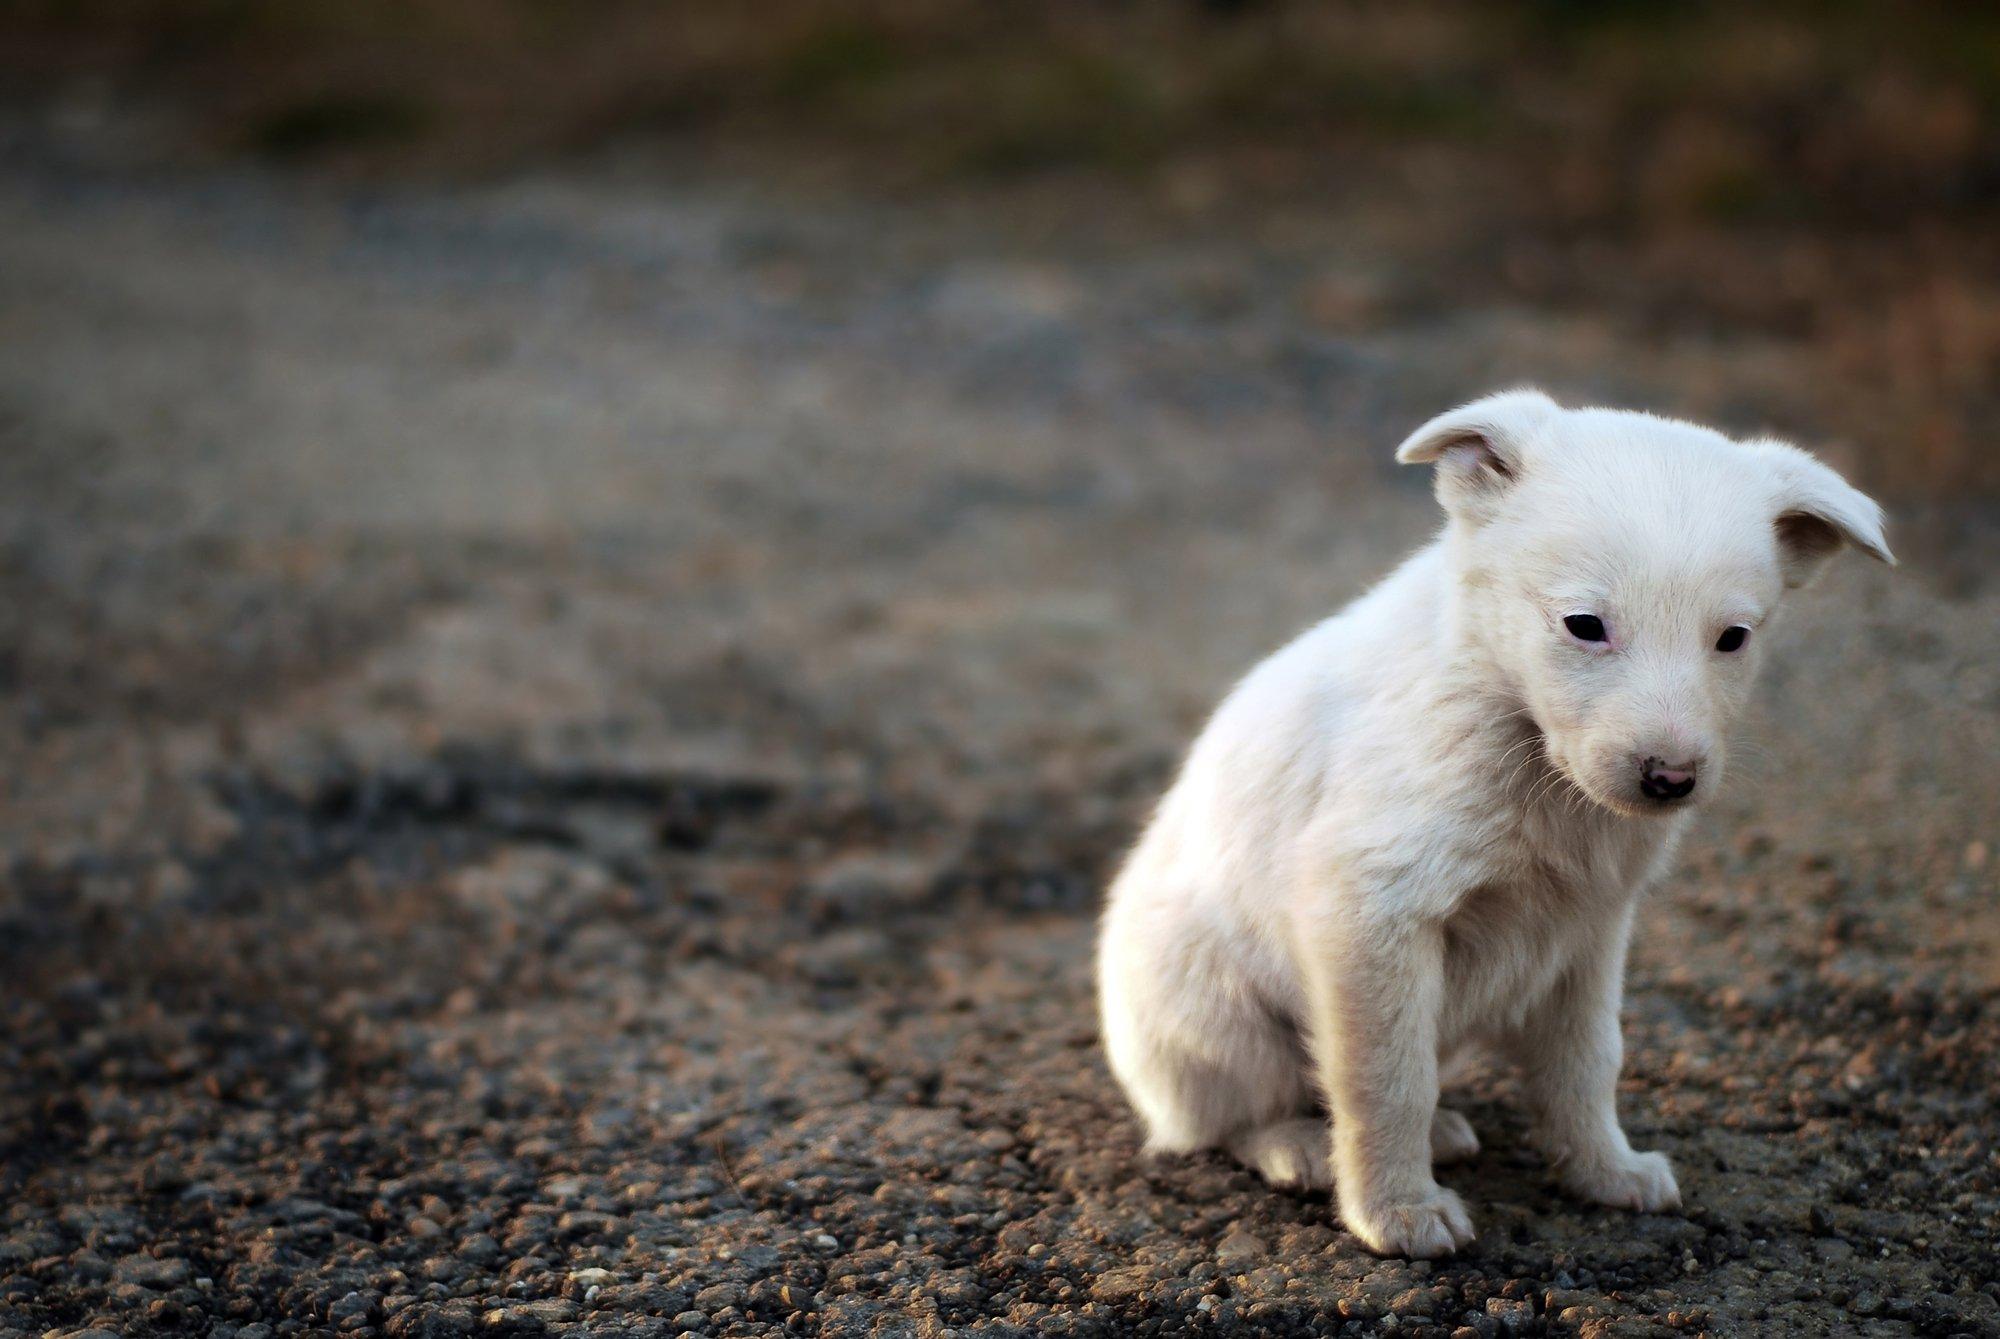 depositphotos 8141343 l 2015.jpg?resize=648,365 - Ce député veut punir plus gravement les abandons d'animaux et encourager leurs adoptions grâce à cette proposition de loi.